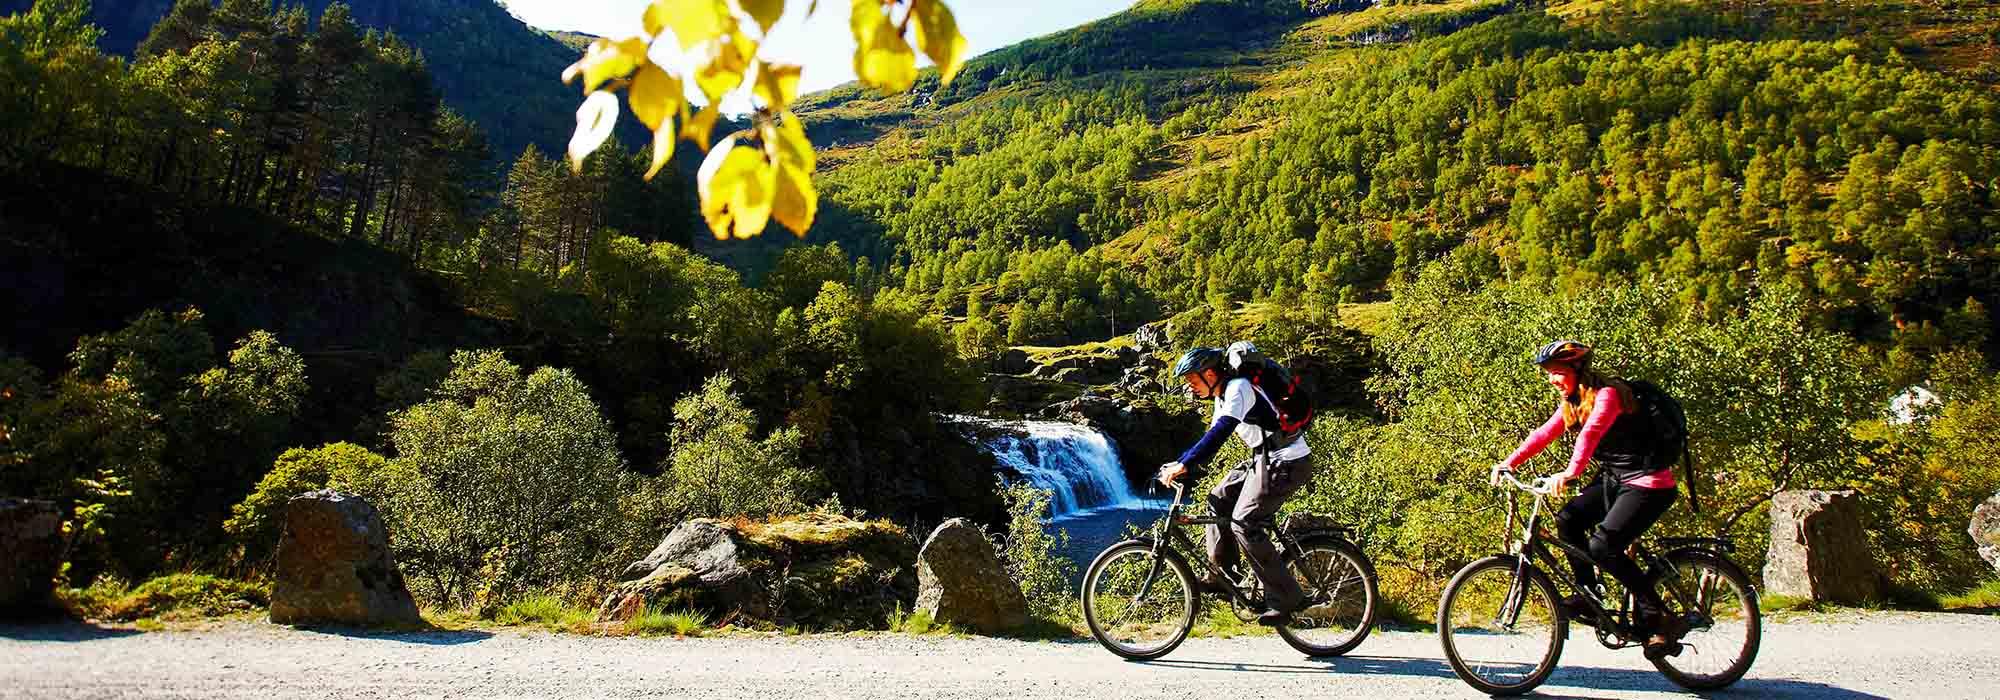 Foto: Flåm AS-Fotograf:Morten Rakke